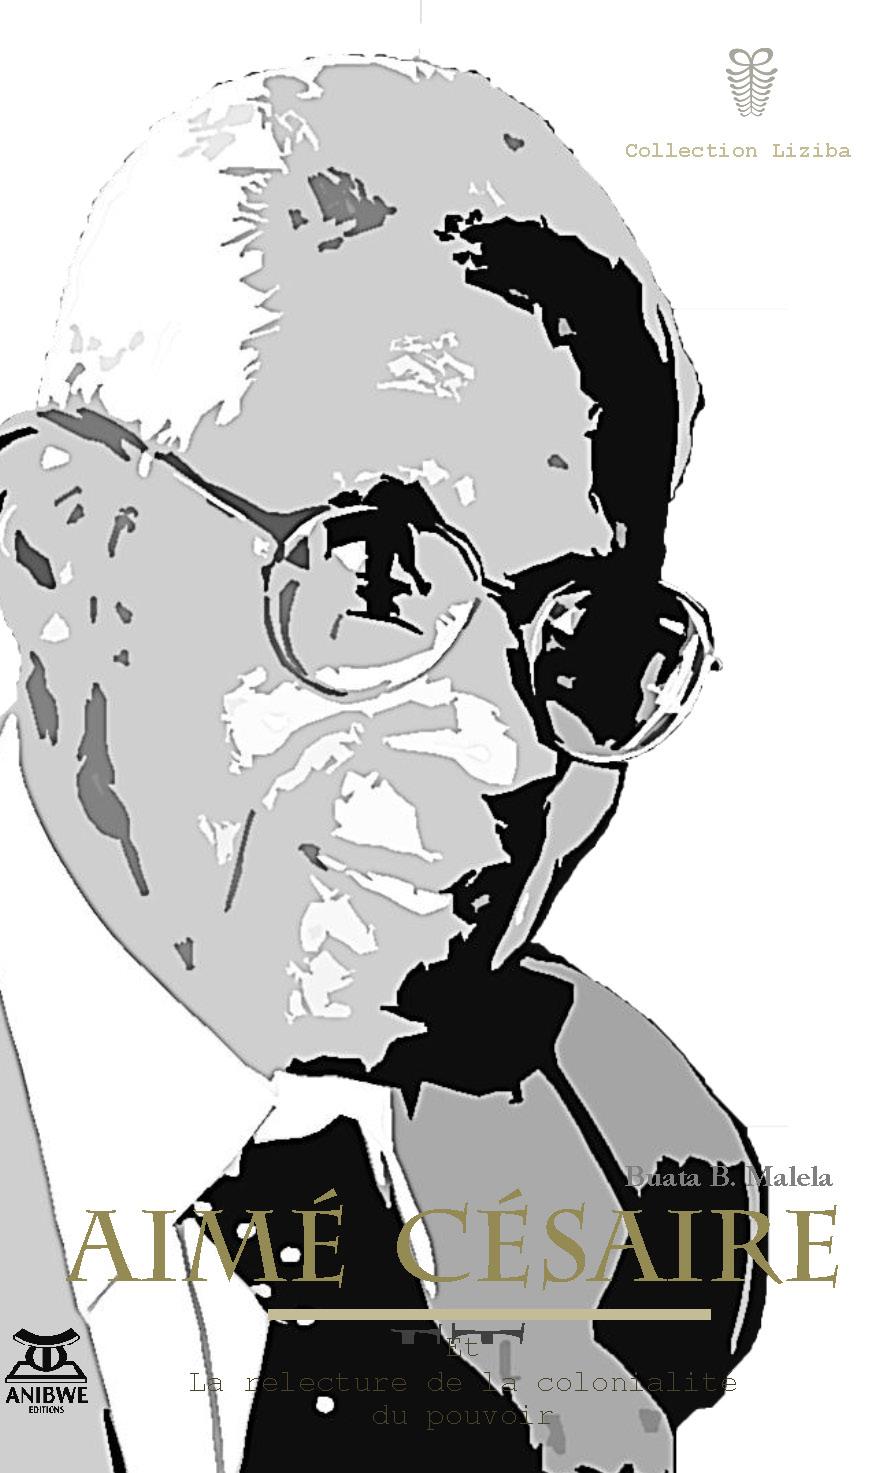 B. Malela, Aimé Césaire et la relecture de la colonialité du pouvoir